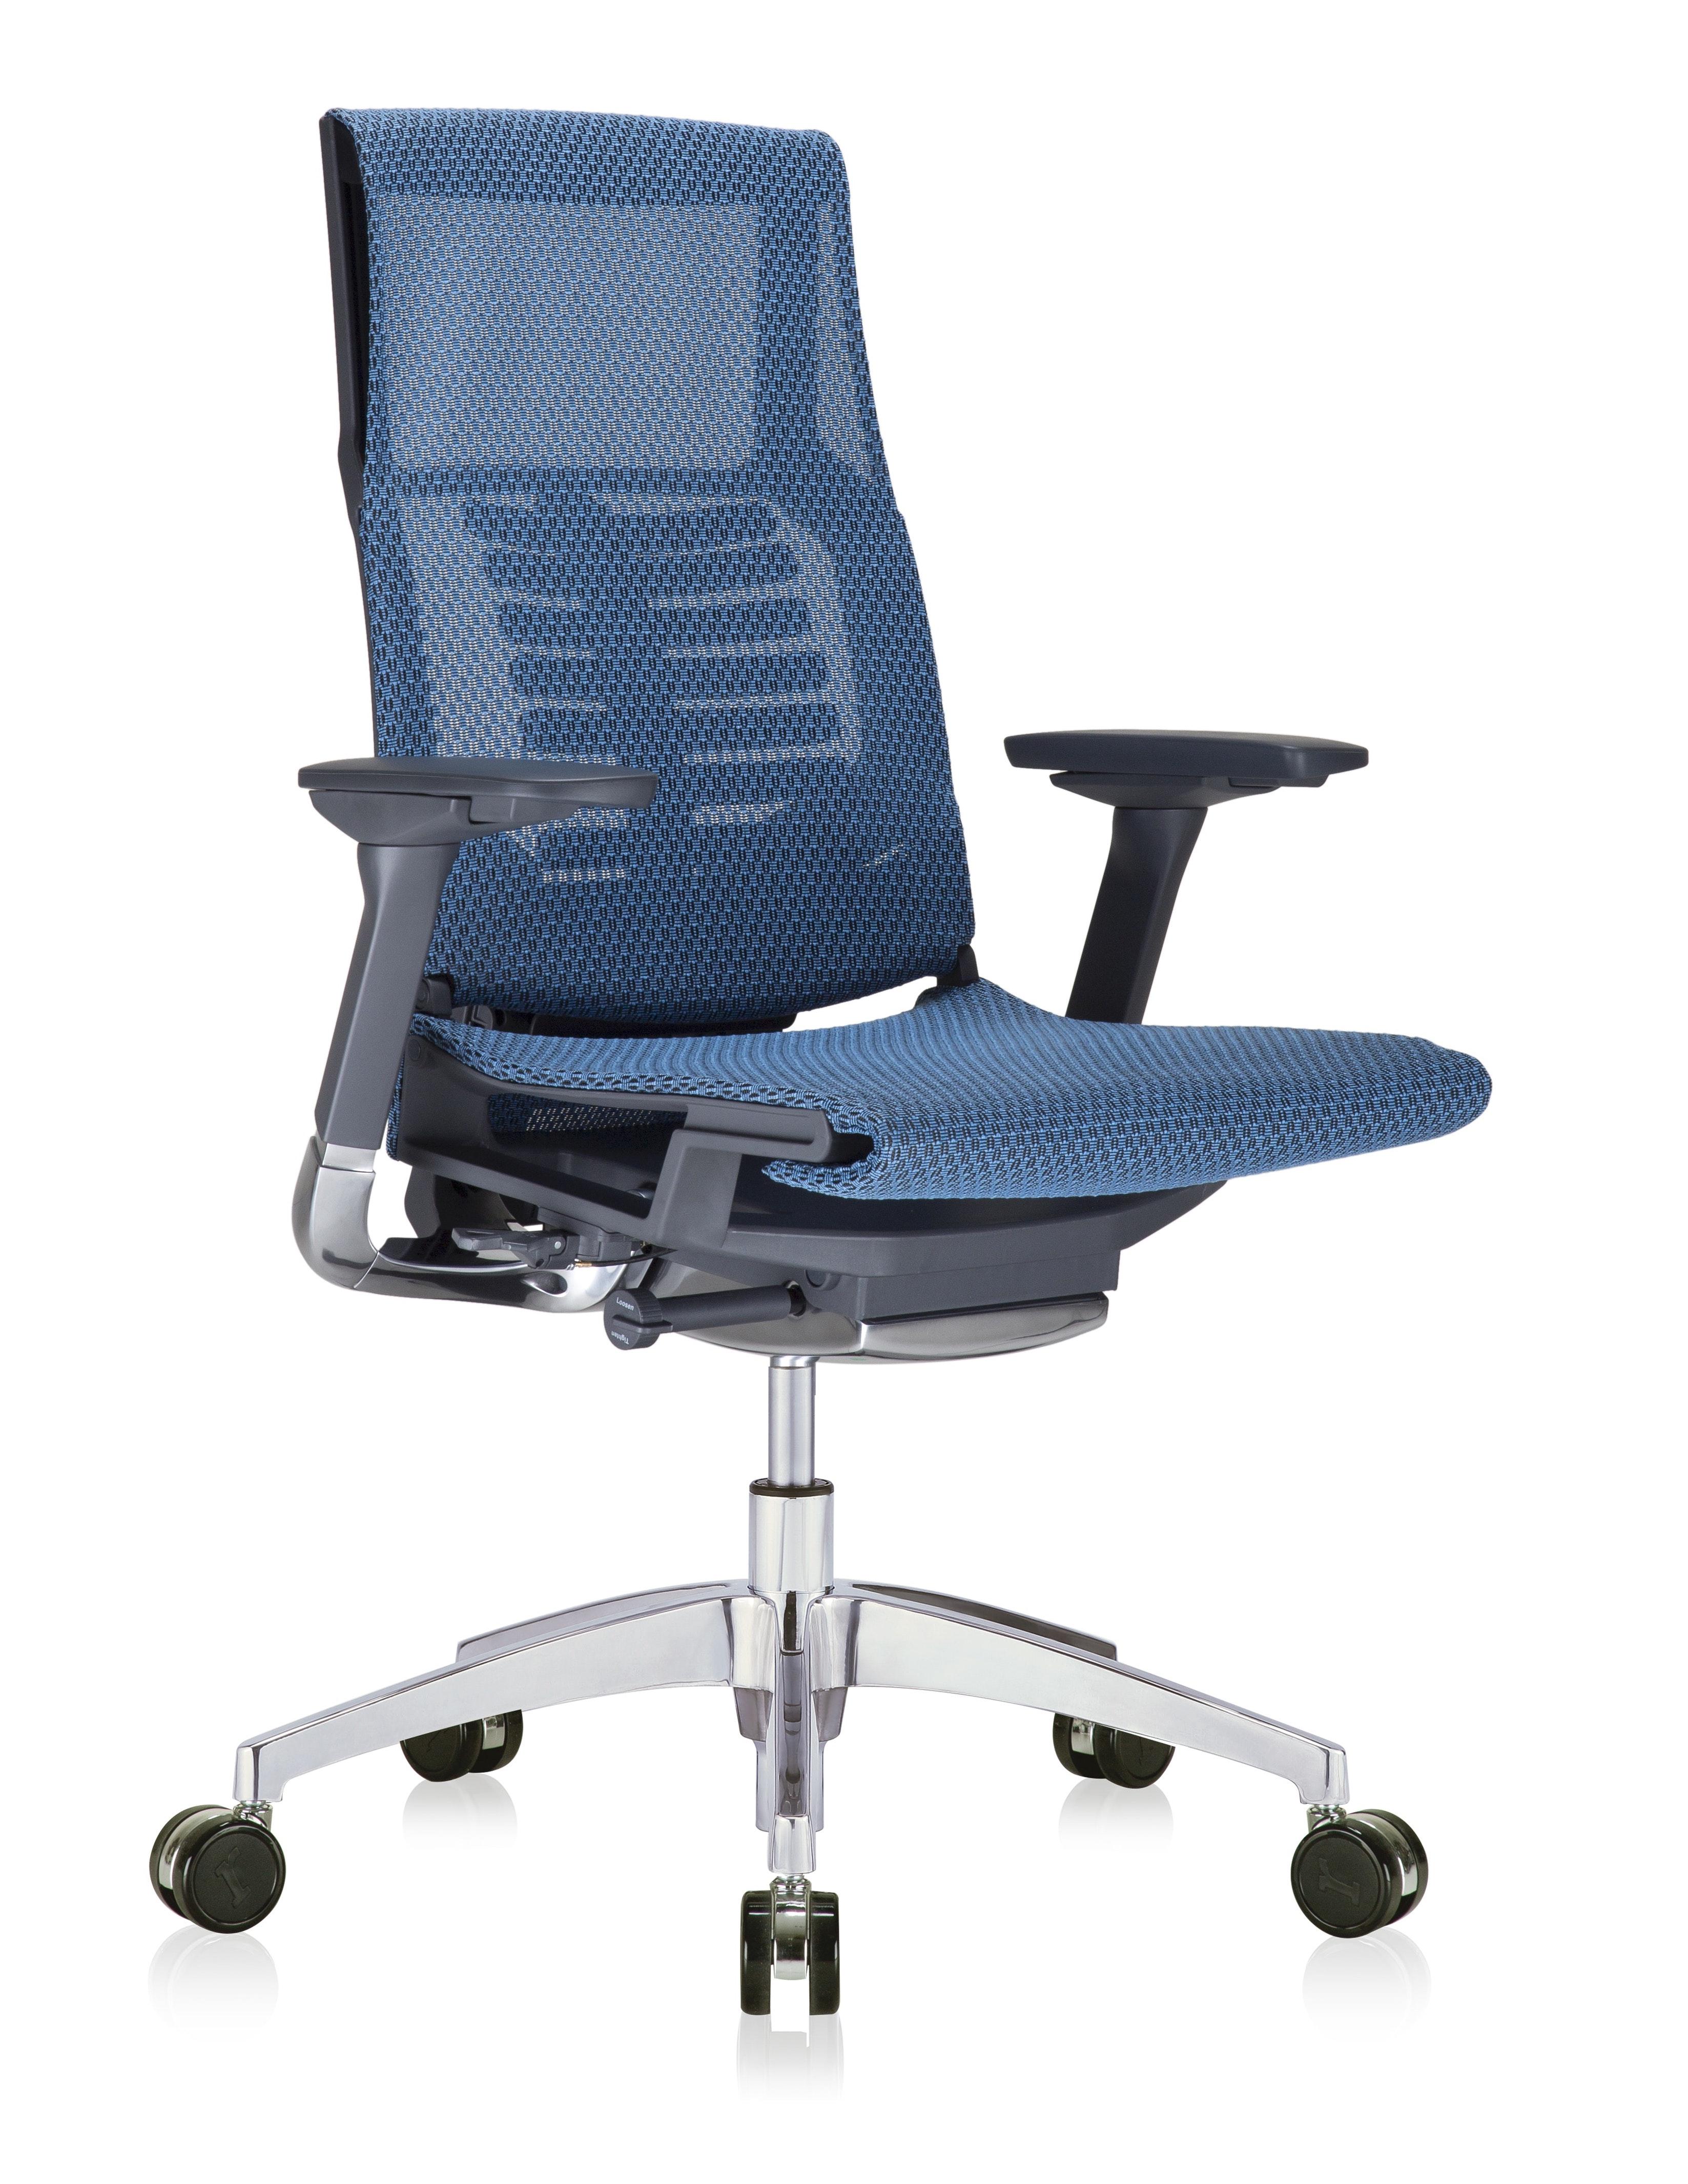 eurotech powerfit bluetooth ergonomic chair